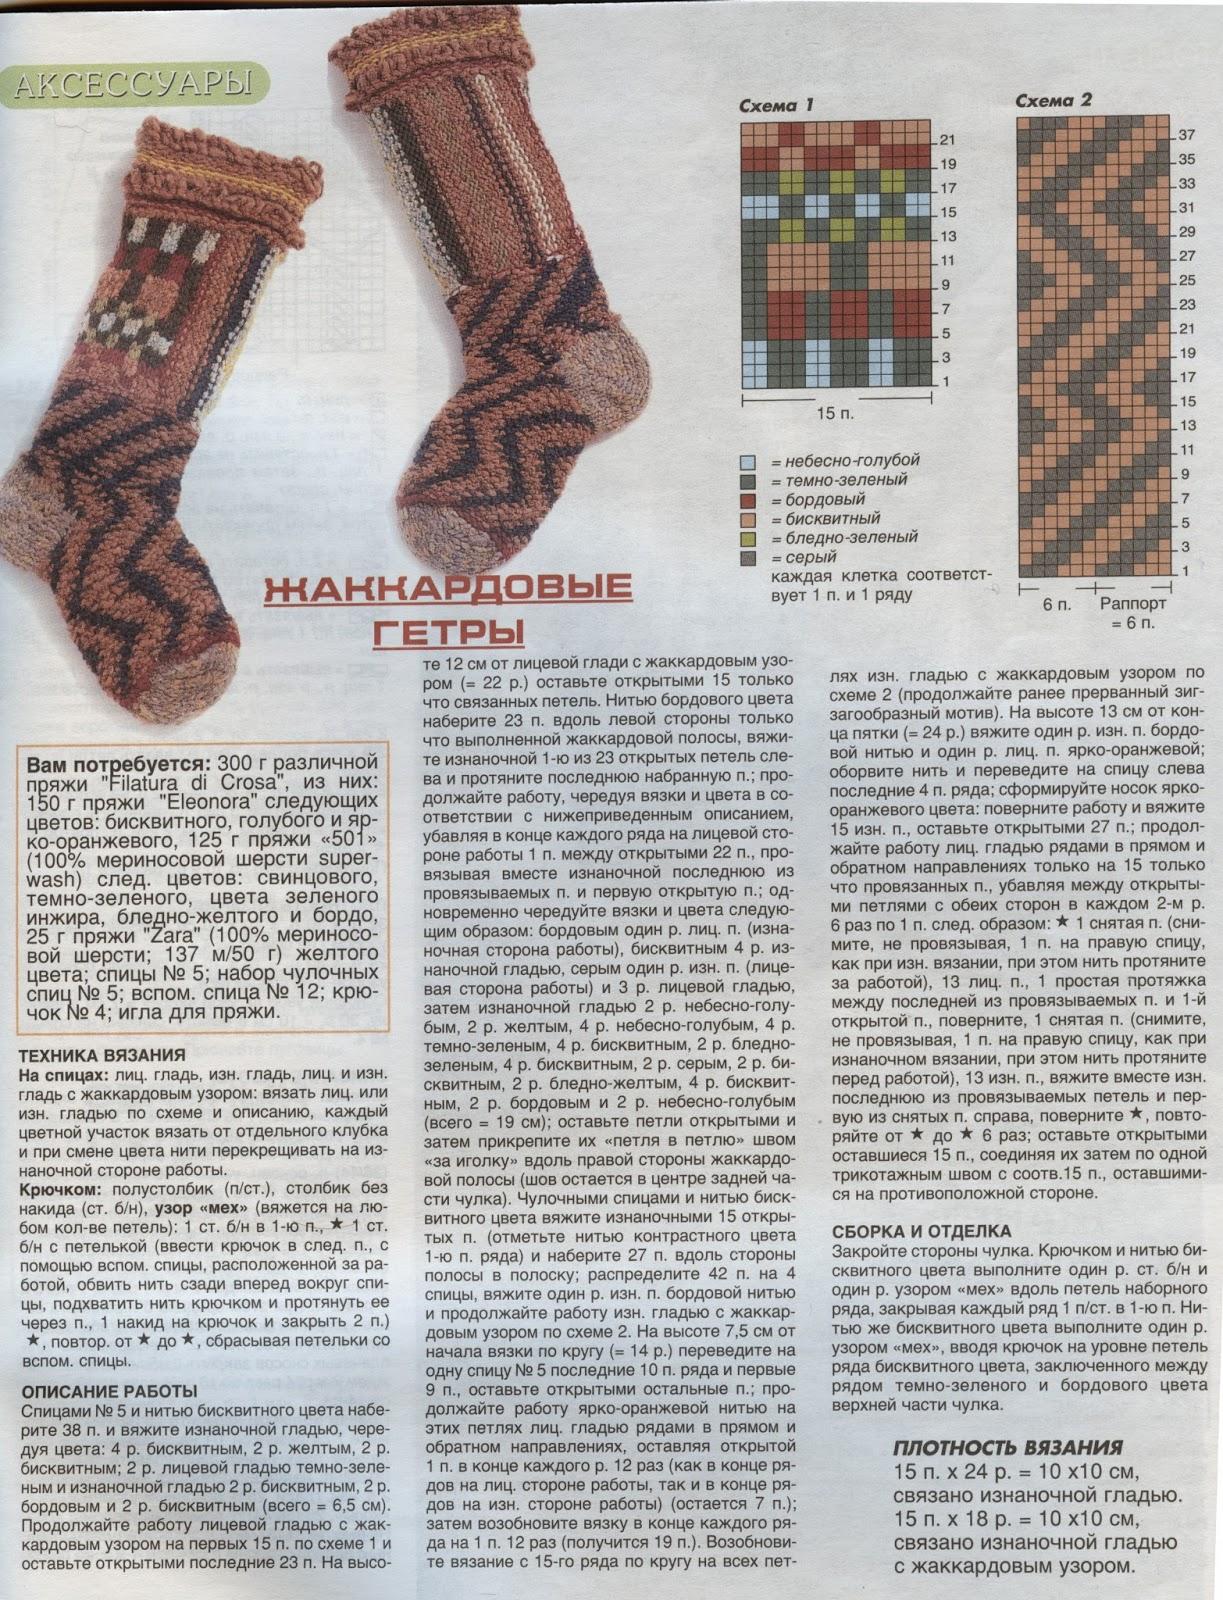 Описание вязания гетры спицами с описанием 225